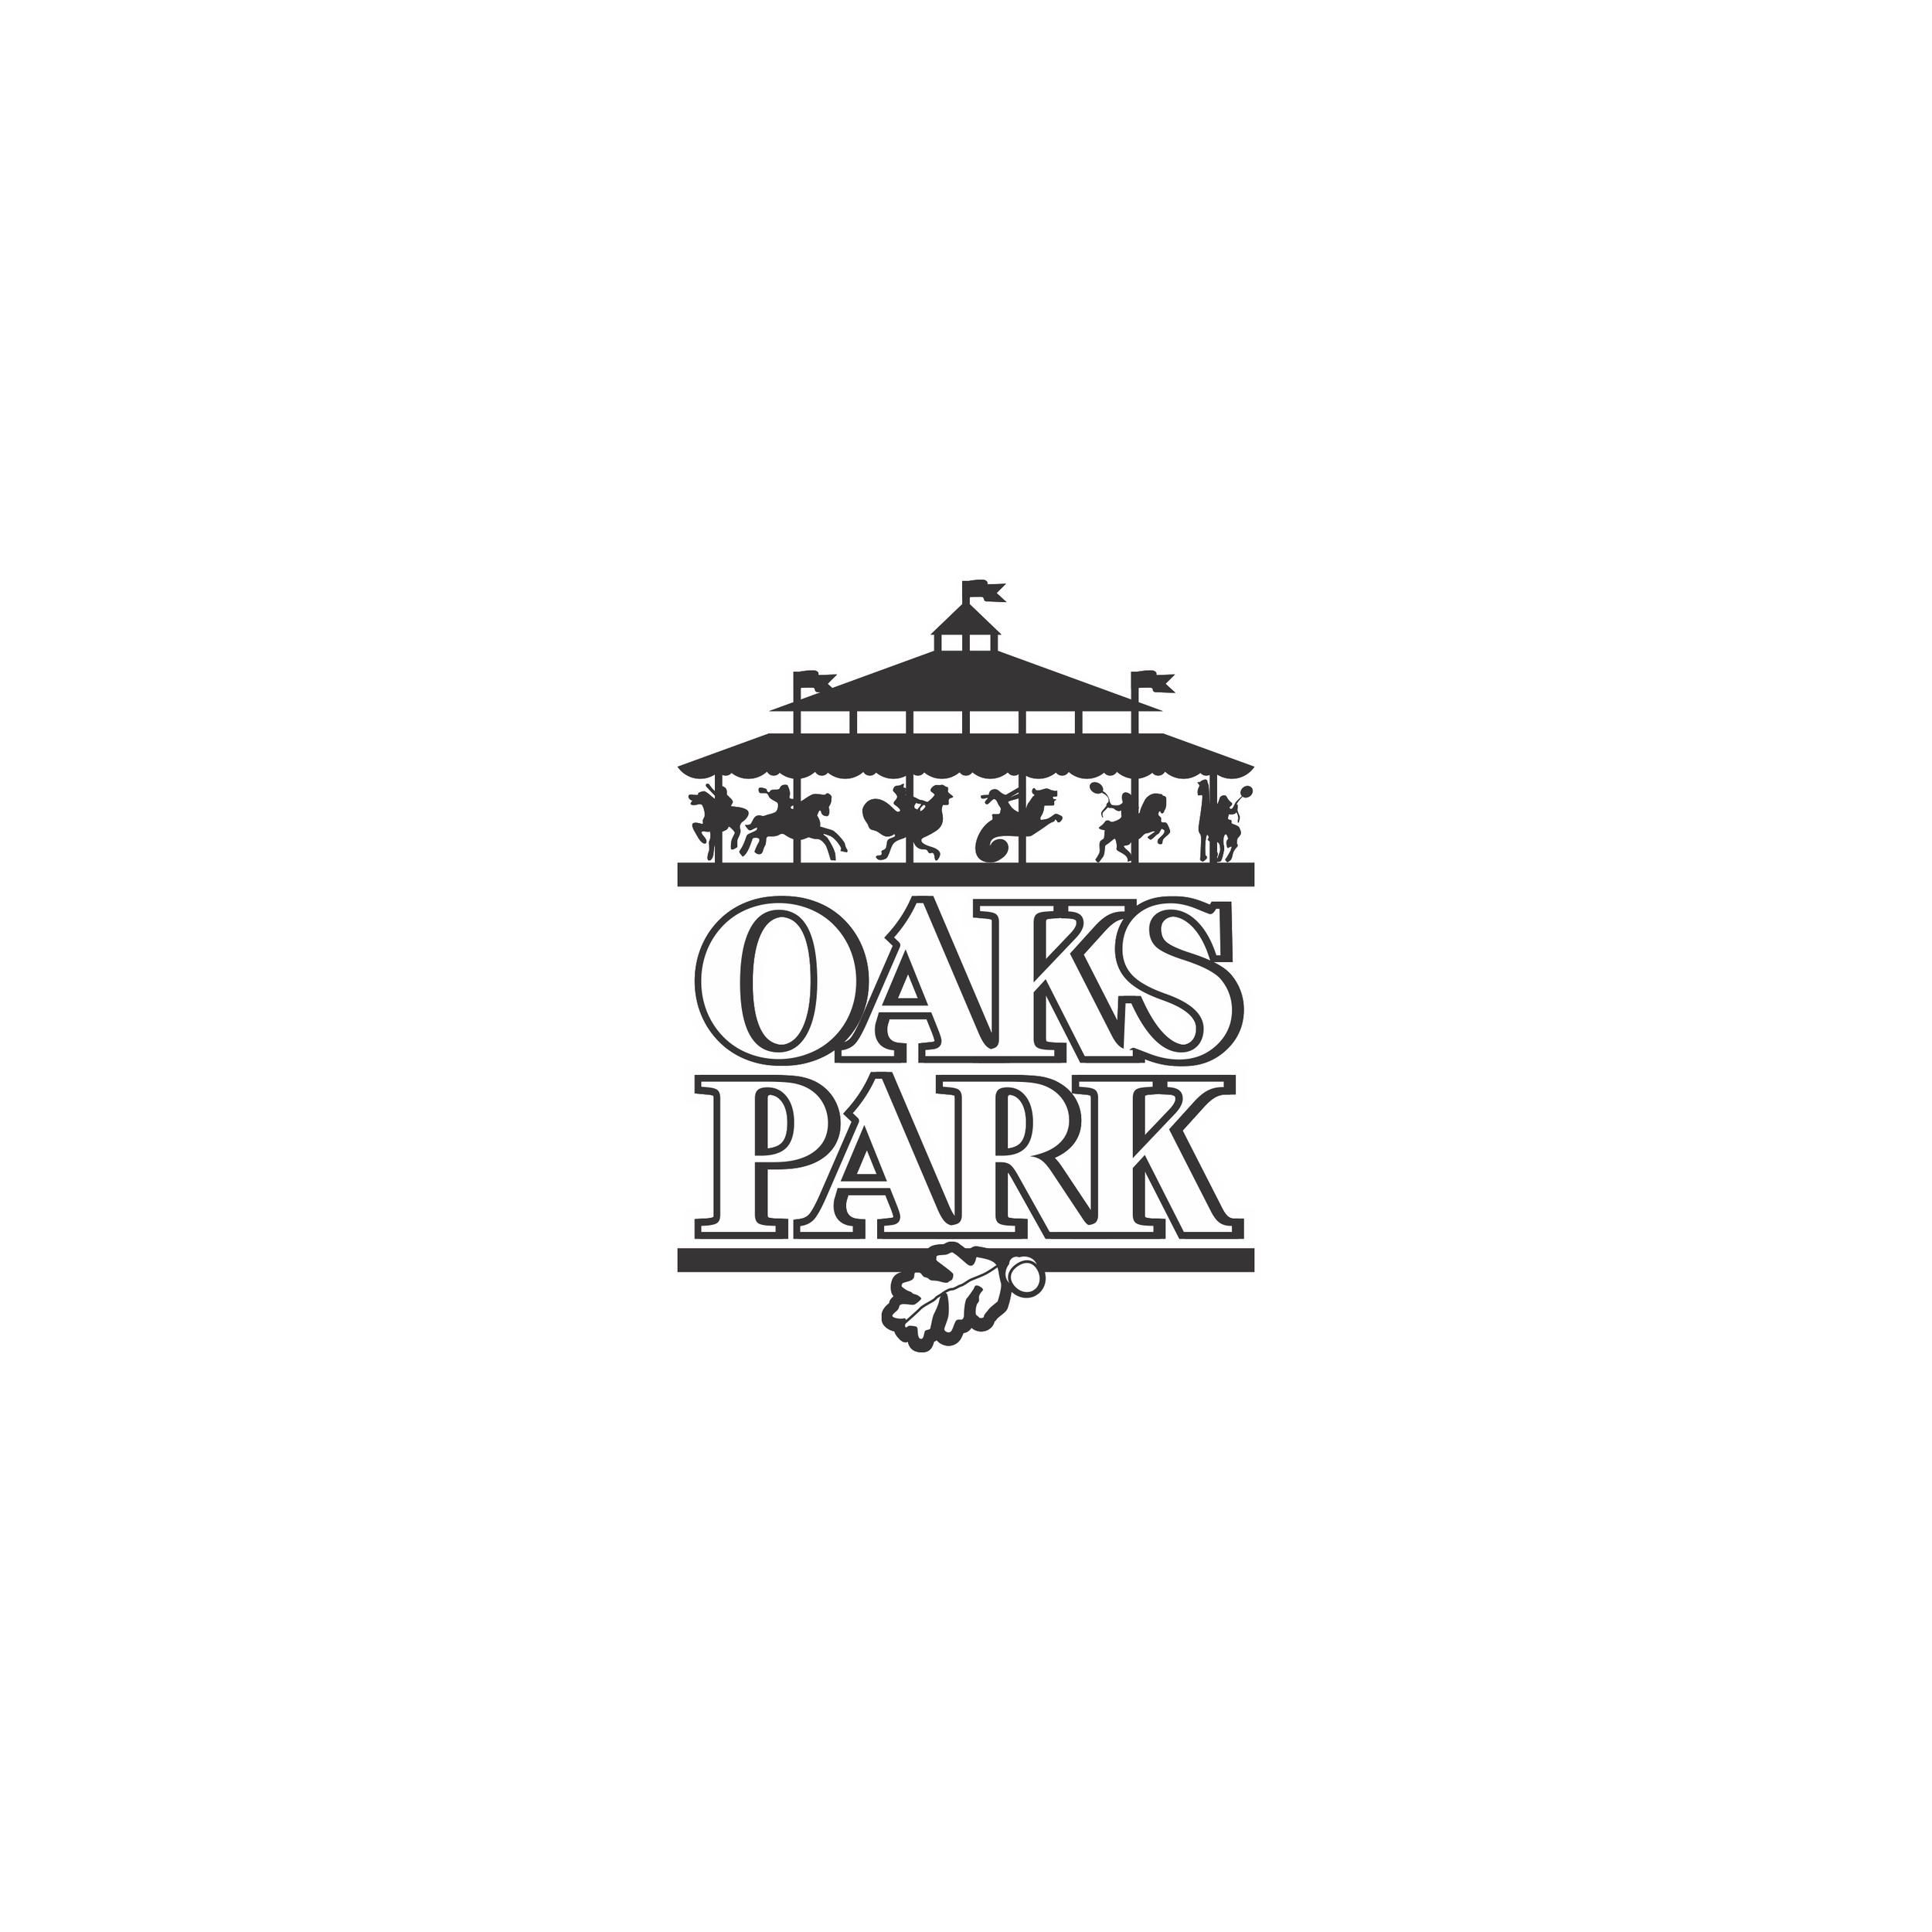 Oaks_Park.png